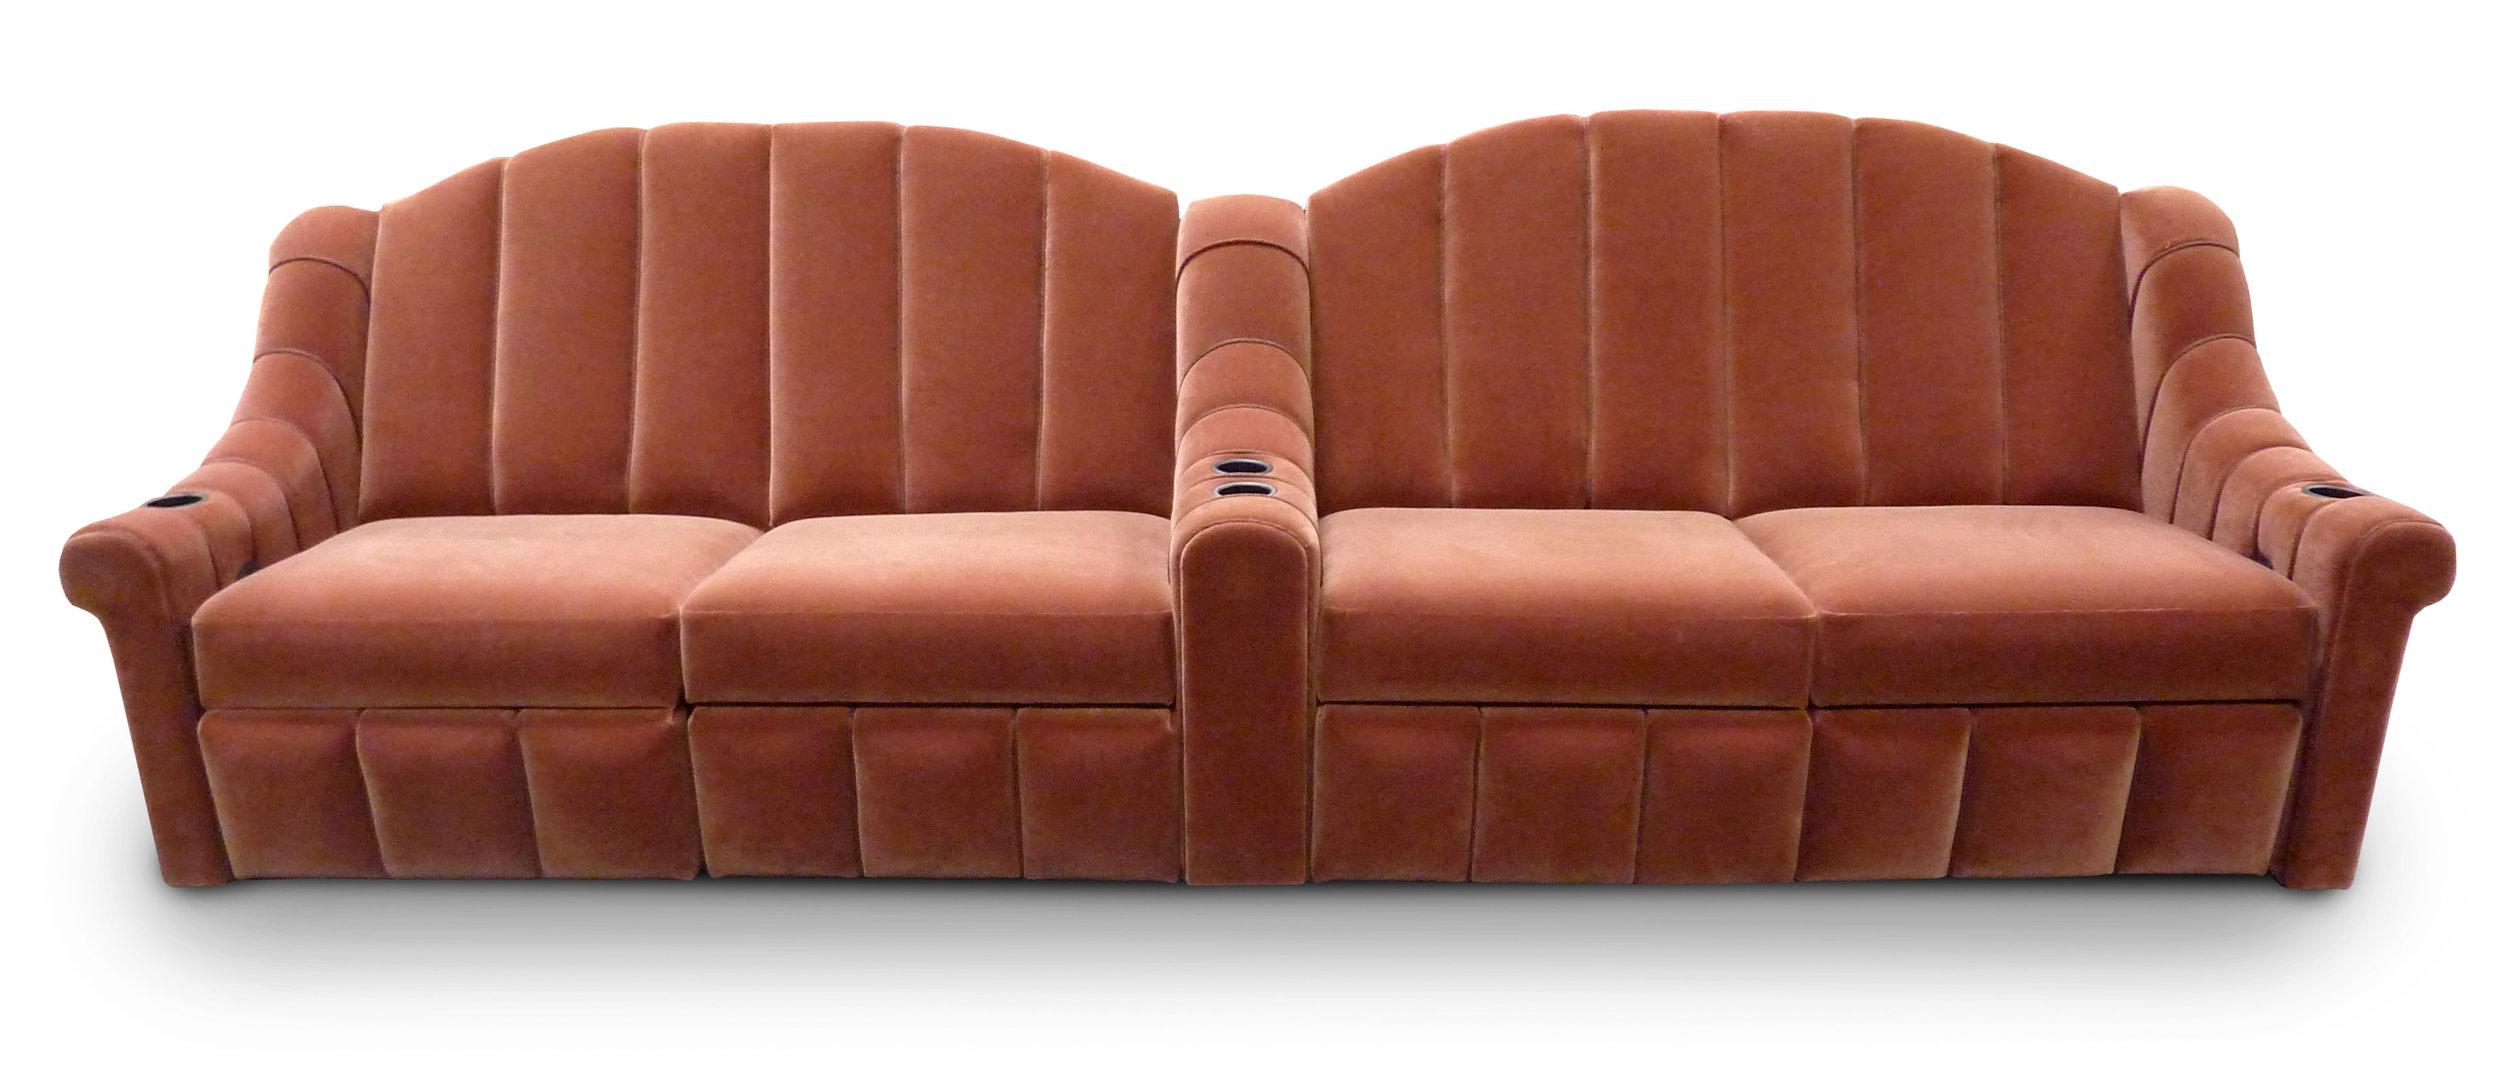 Double Non-Reclining Sofa